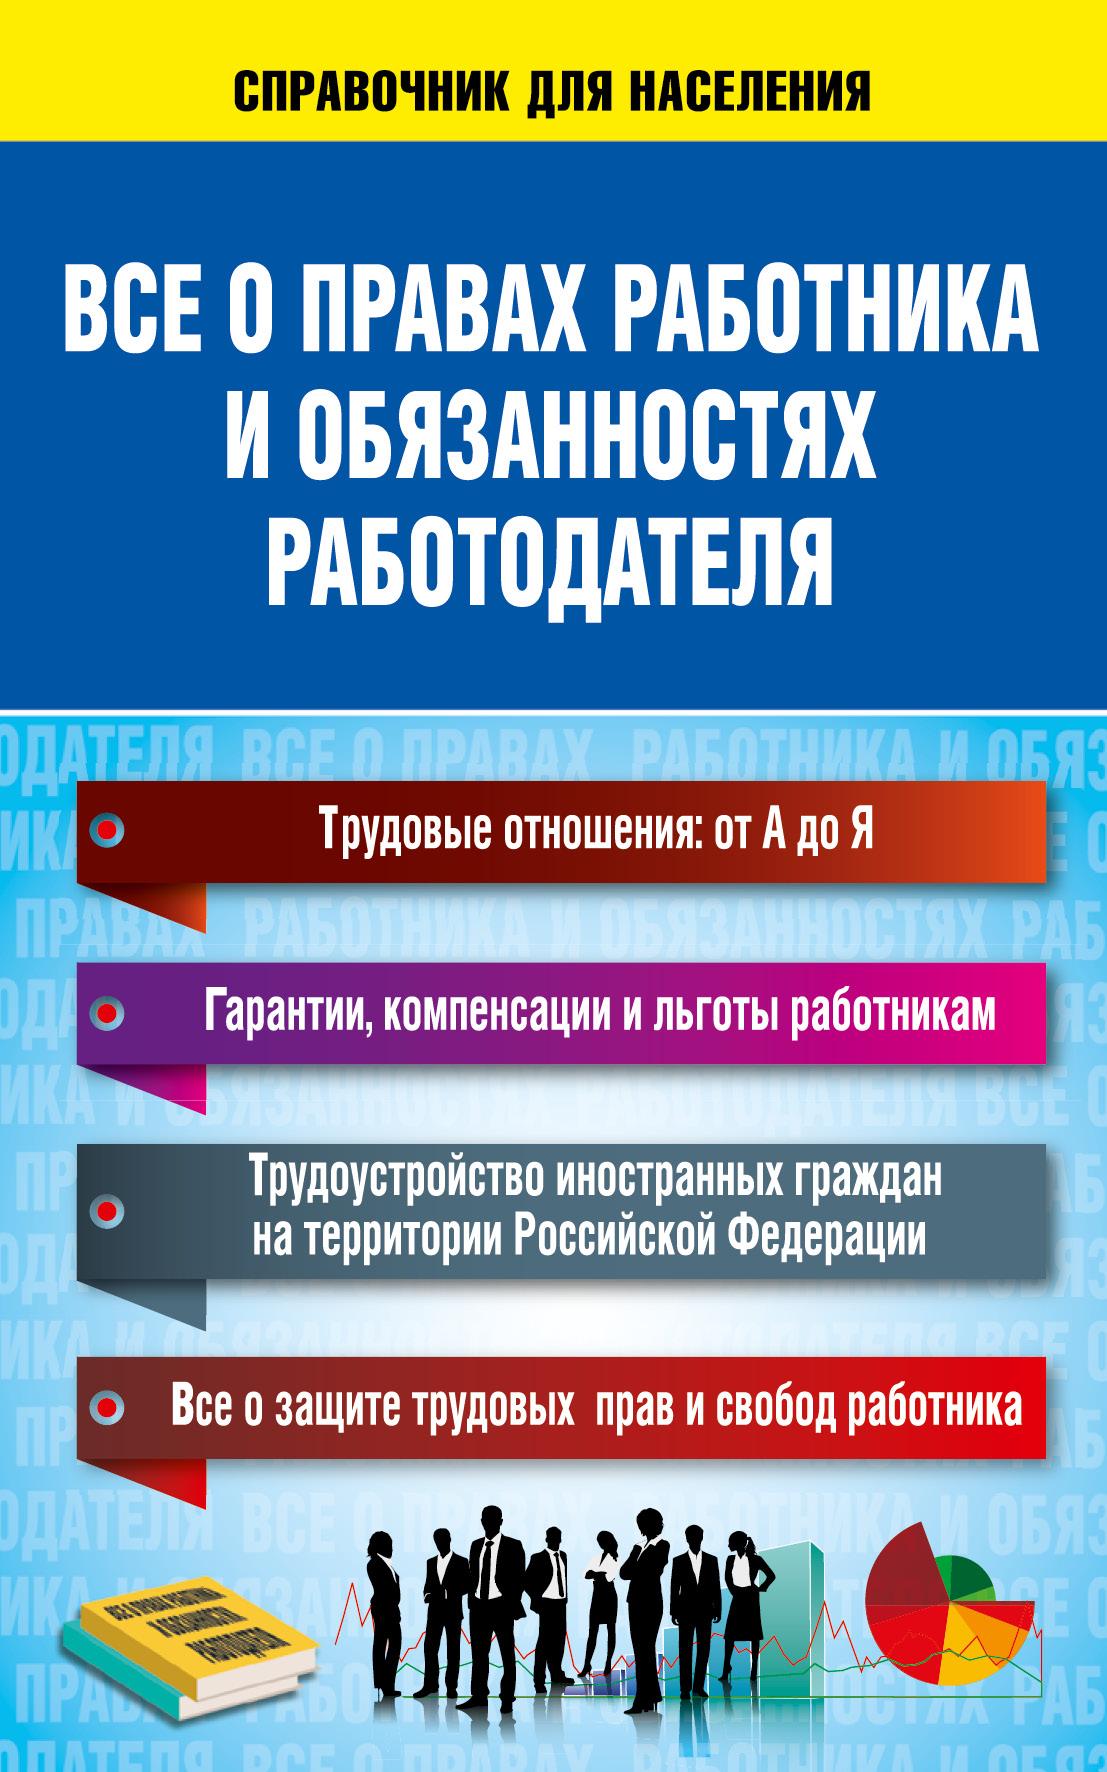 Все о правах работника и обязанностях работодателя от book24.ru